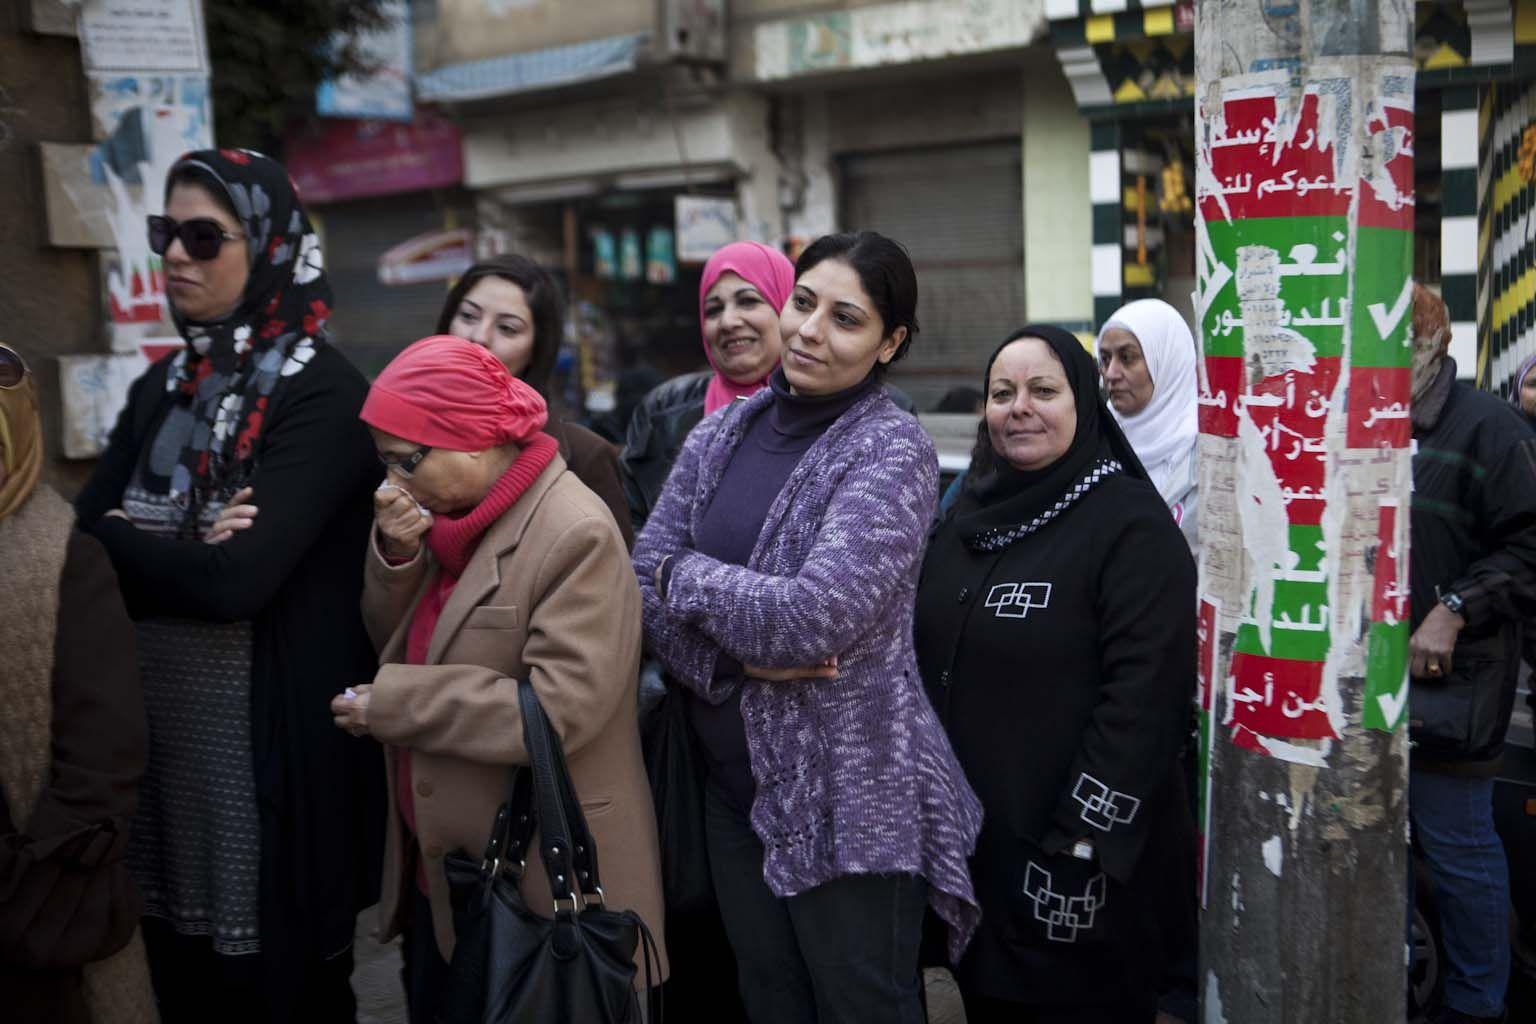 Women lining up to vote in Mounira_01